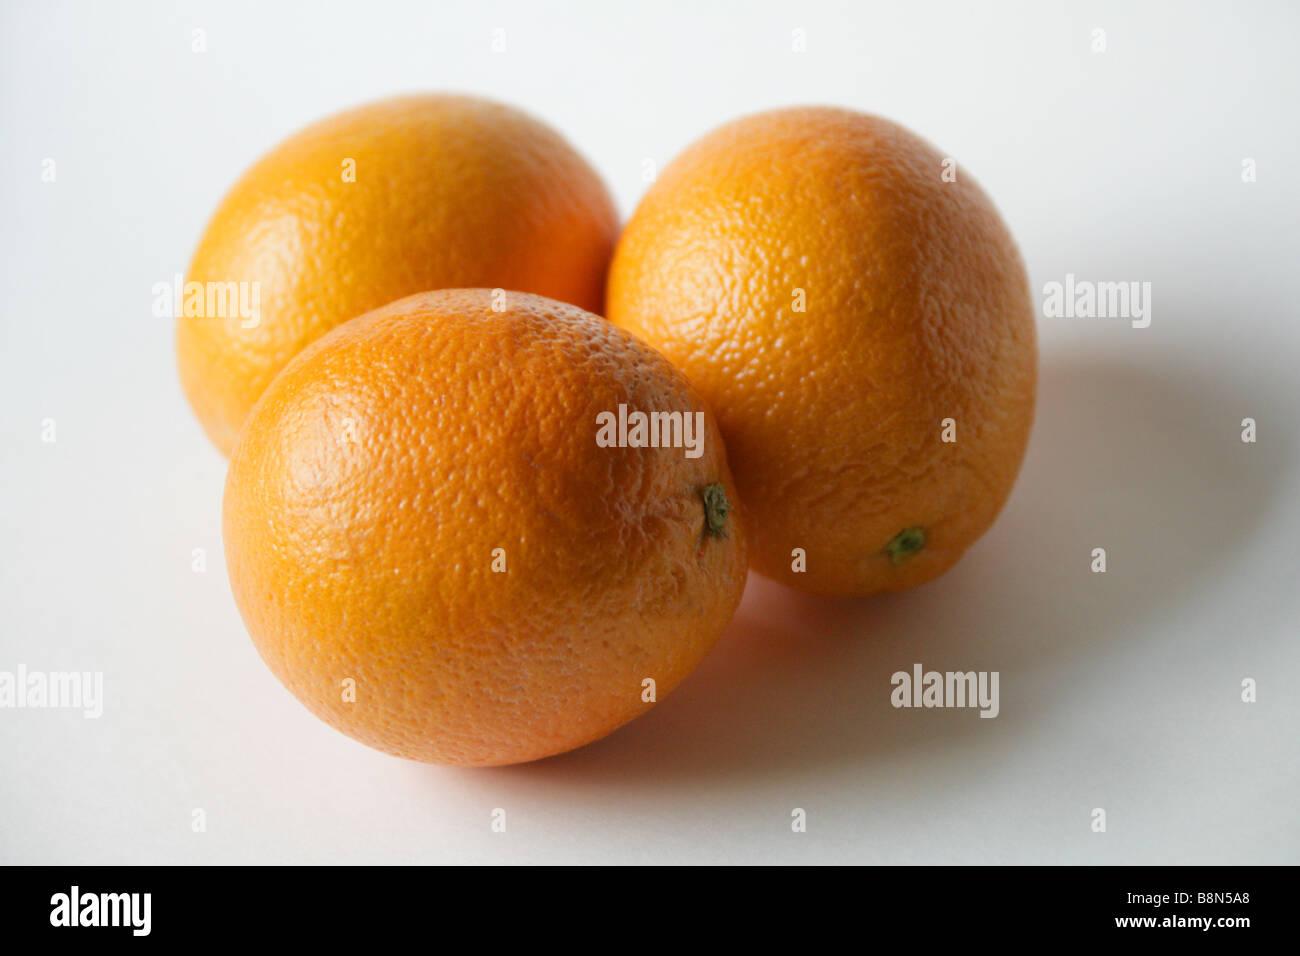 Oranges, Citrus sinensis - Stock Image